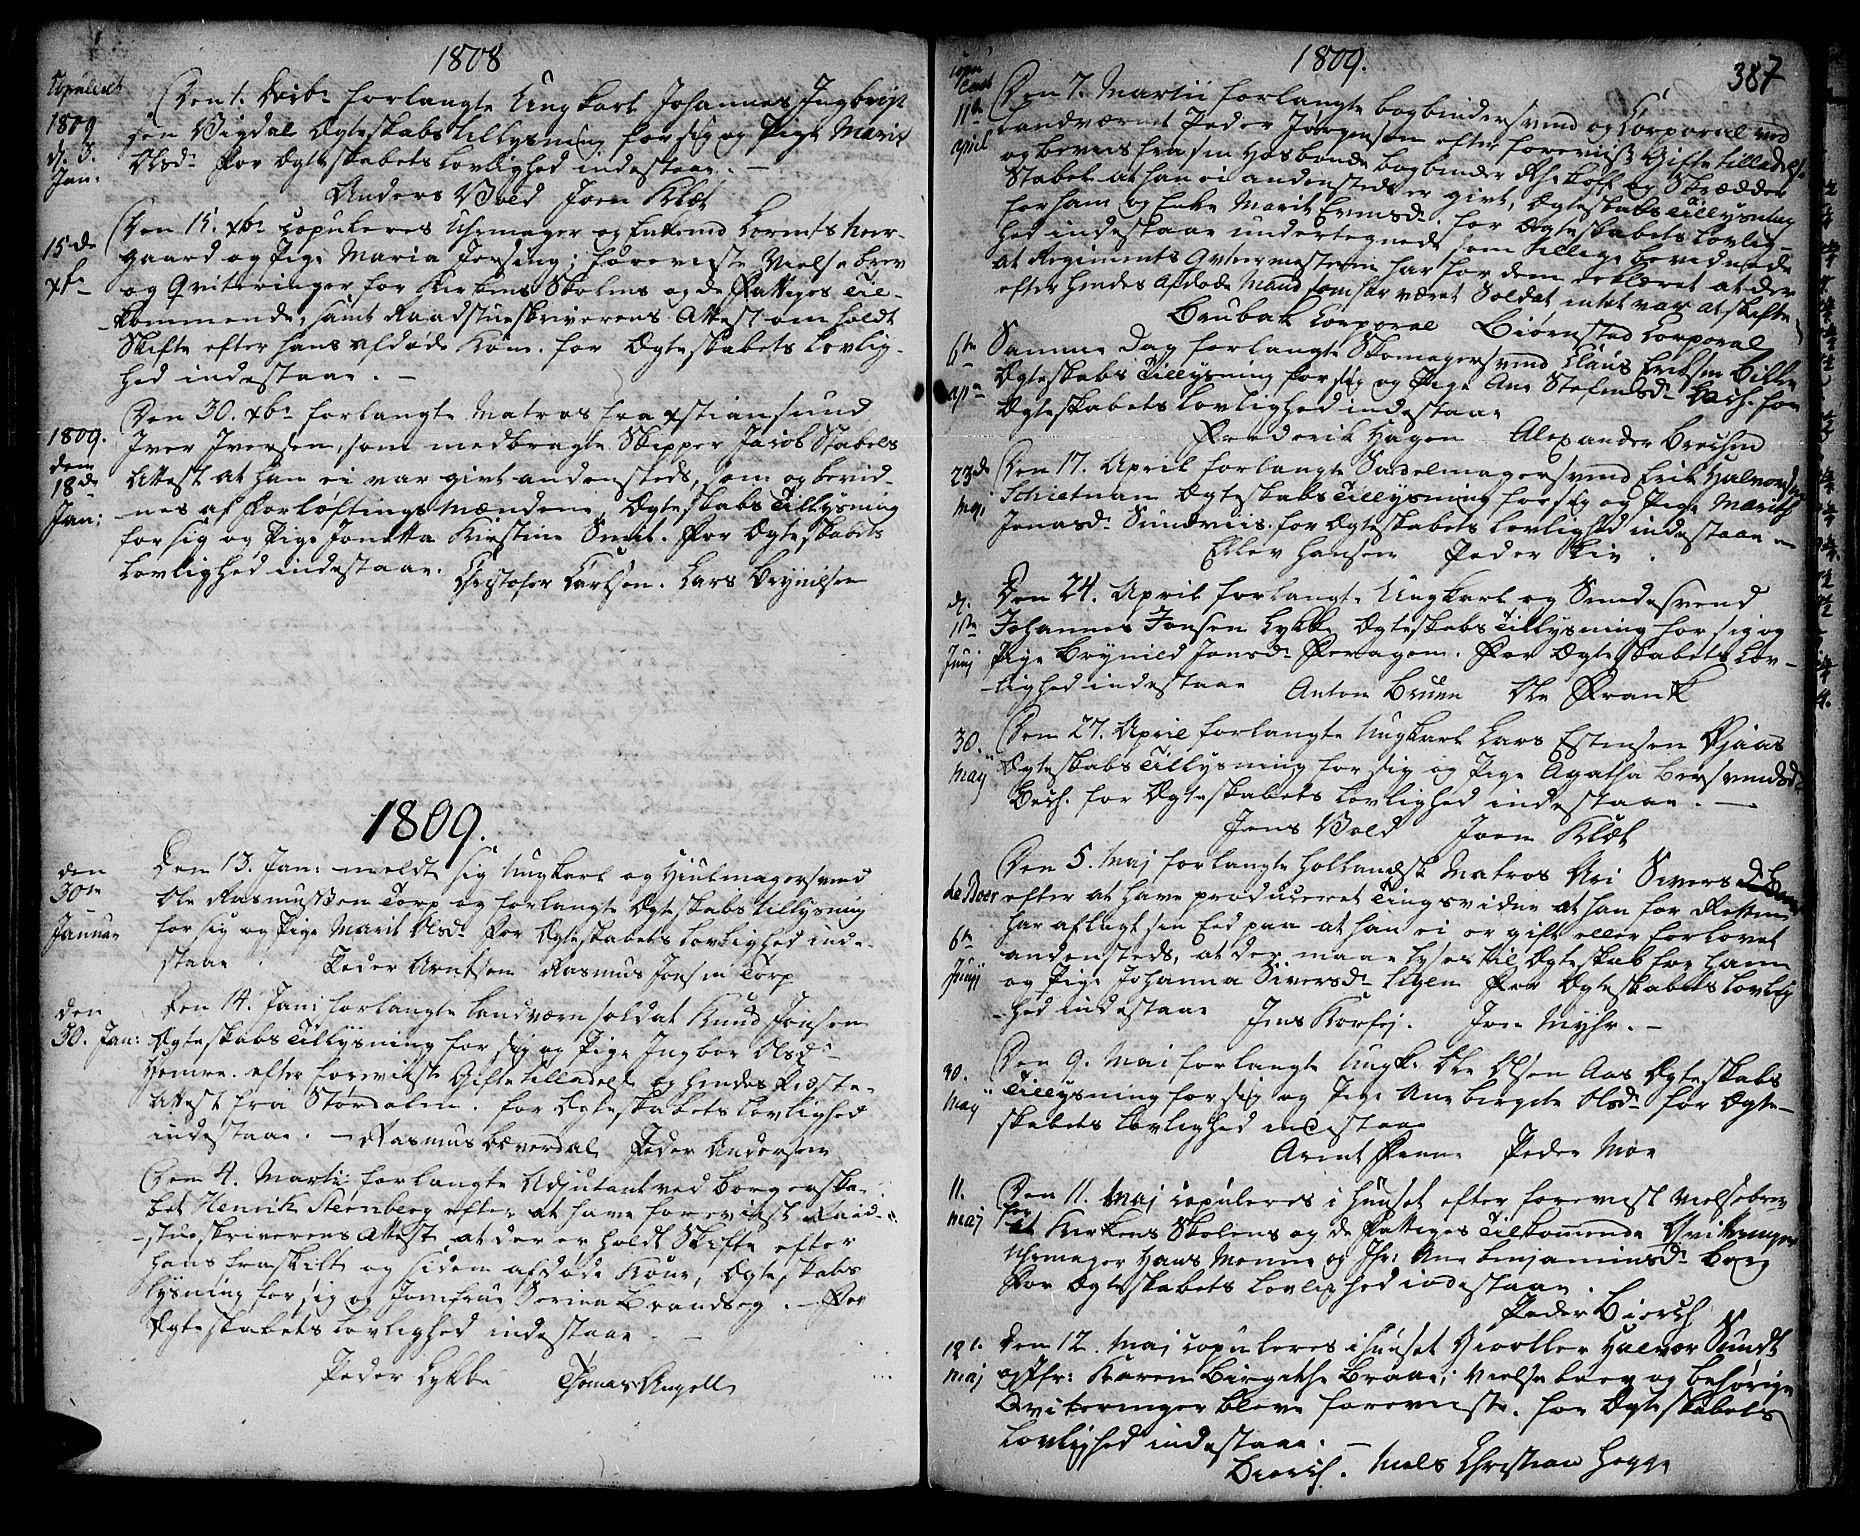 SAT, Ministerialprotokoller, klokkerbøker og fødselsregistre - Sør-Trøndelag, 601/L0038: Ministerialbok nr. 601A06, 1766-1877, s. 387